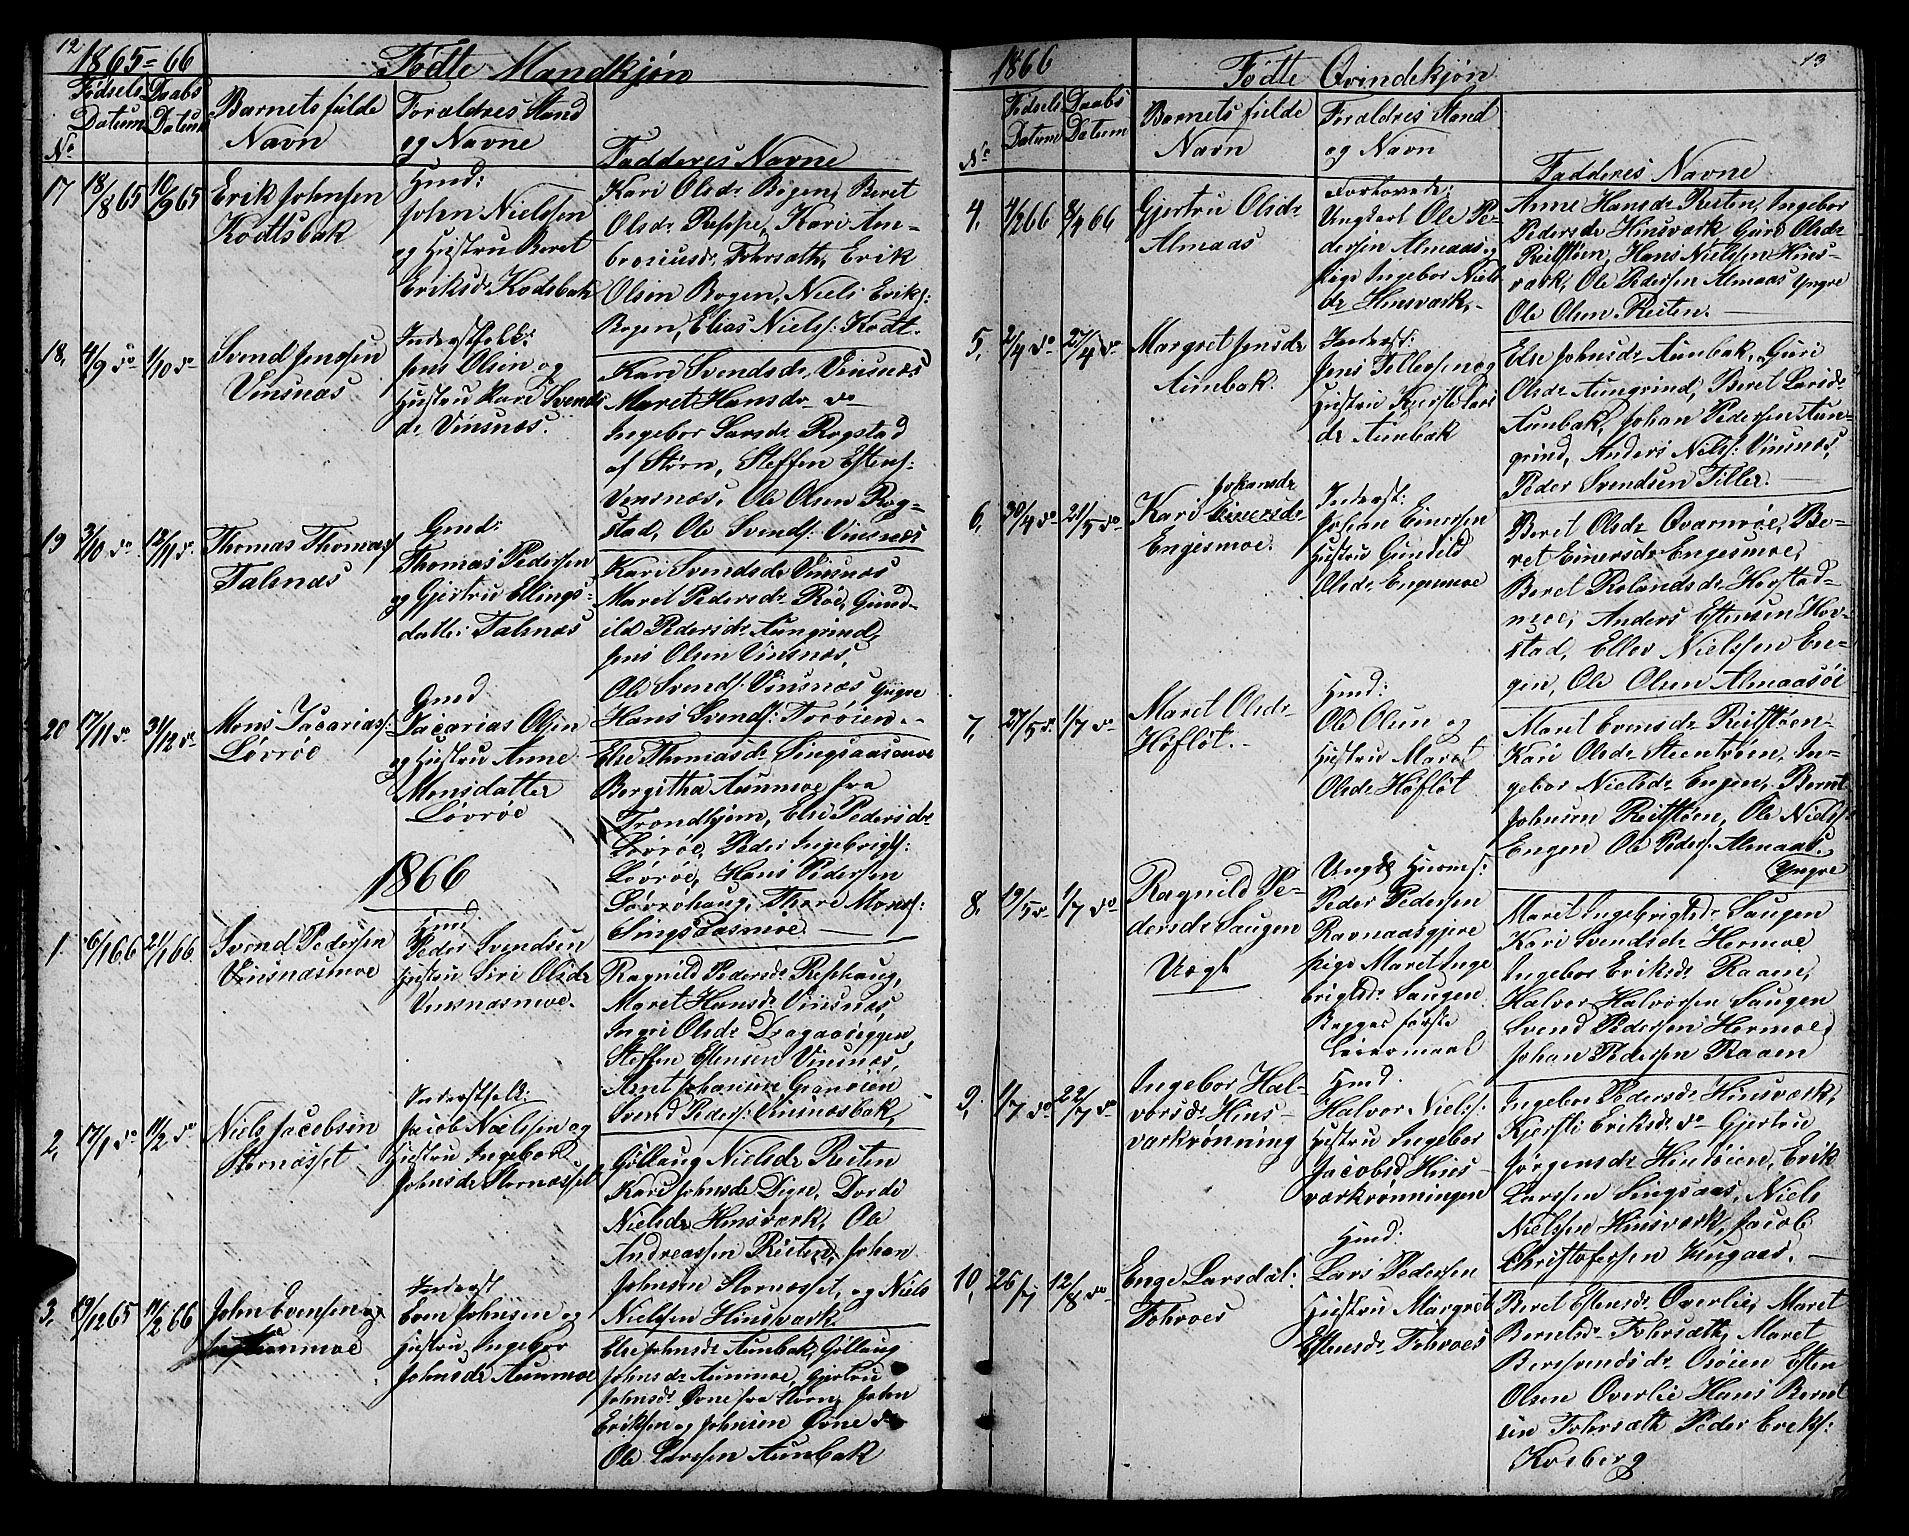 SAT, Ministerialprotokoller, klokkerbøker og fødselsregistre - Sør-Trøndelag, 688/L1027: Klokkerbok nr. 688C02, 1861-1889, s. 12-13